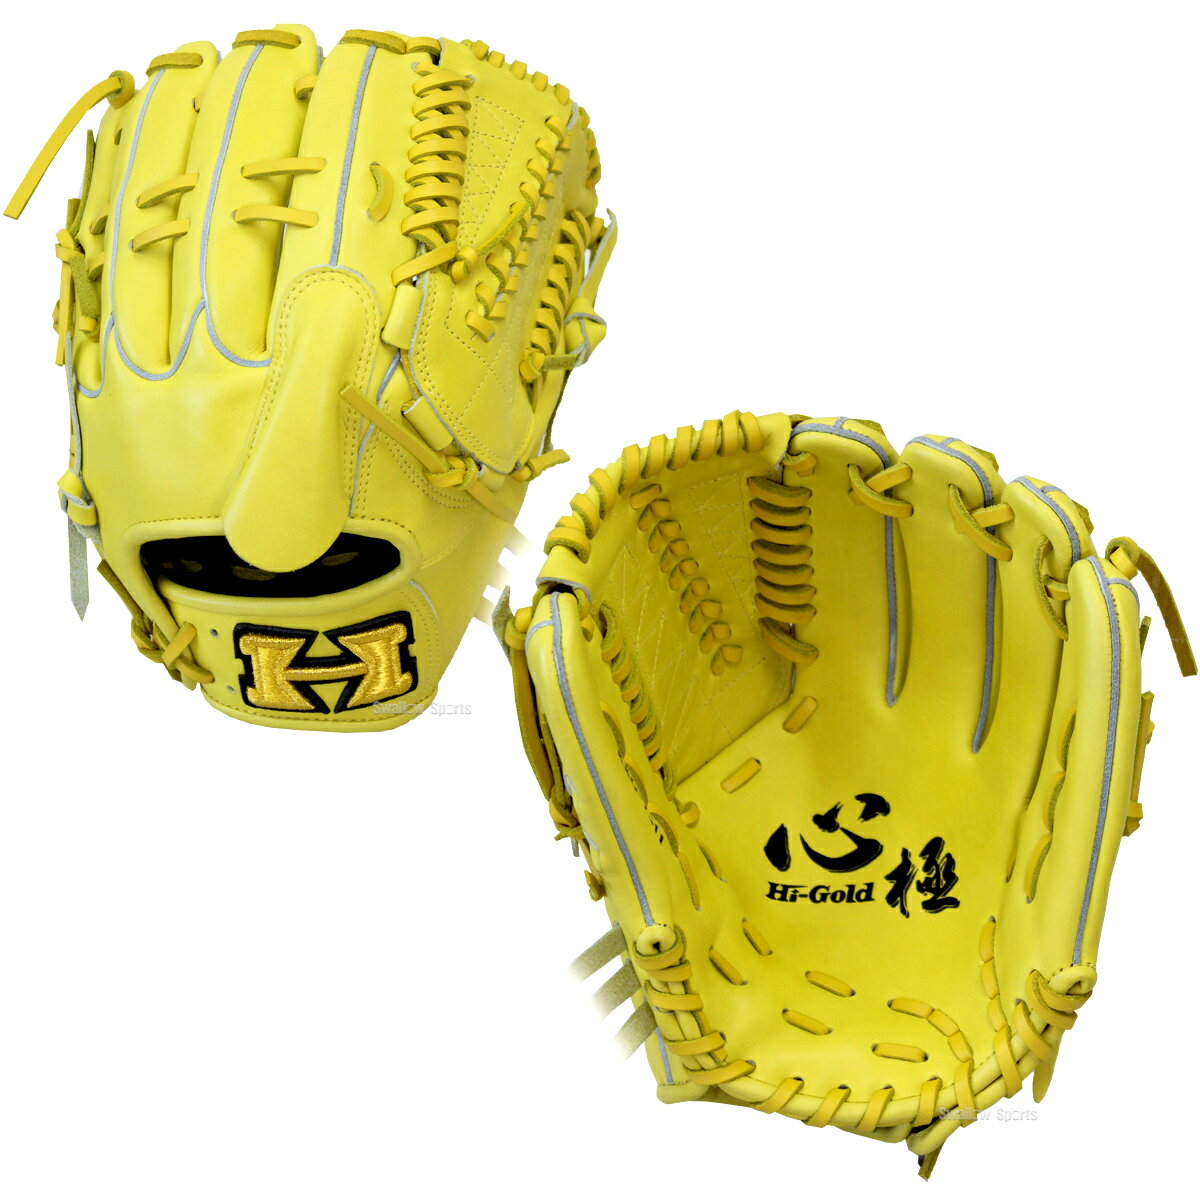 ハイゴールド 野球 軟式 グローブ 一般 野球グローブ軟式大人 グラブ 心極 投手用 KKG-7511 軟式用 野球部 野球用品 スワロースポーツ